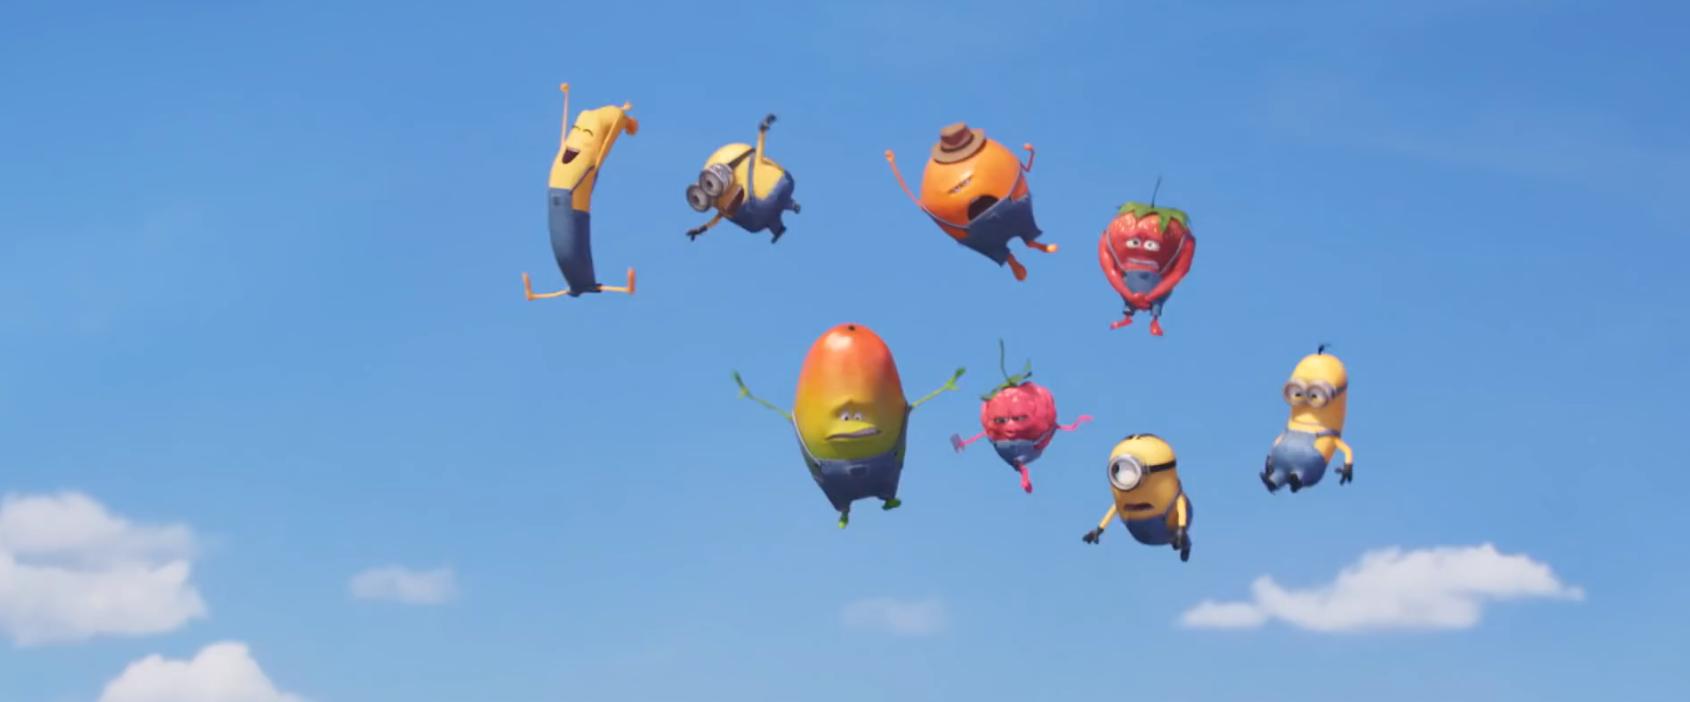 Dans le spot Tronions, les minions tombent sous le charme de Ella Labanane la nouvelle venue des p'tit fruit